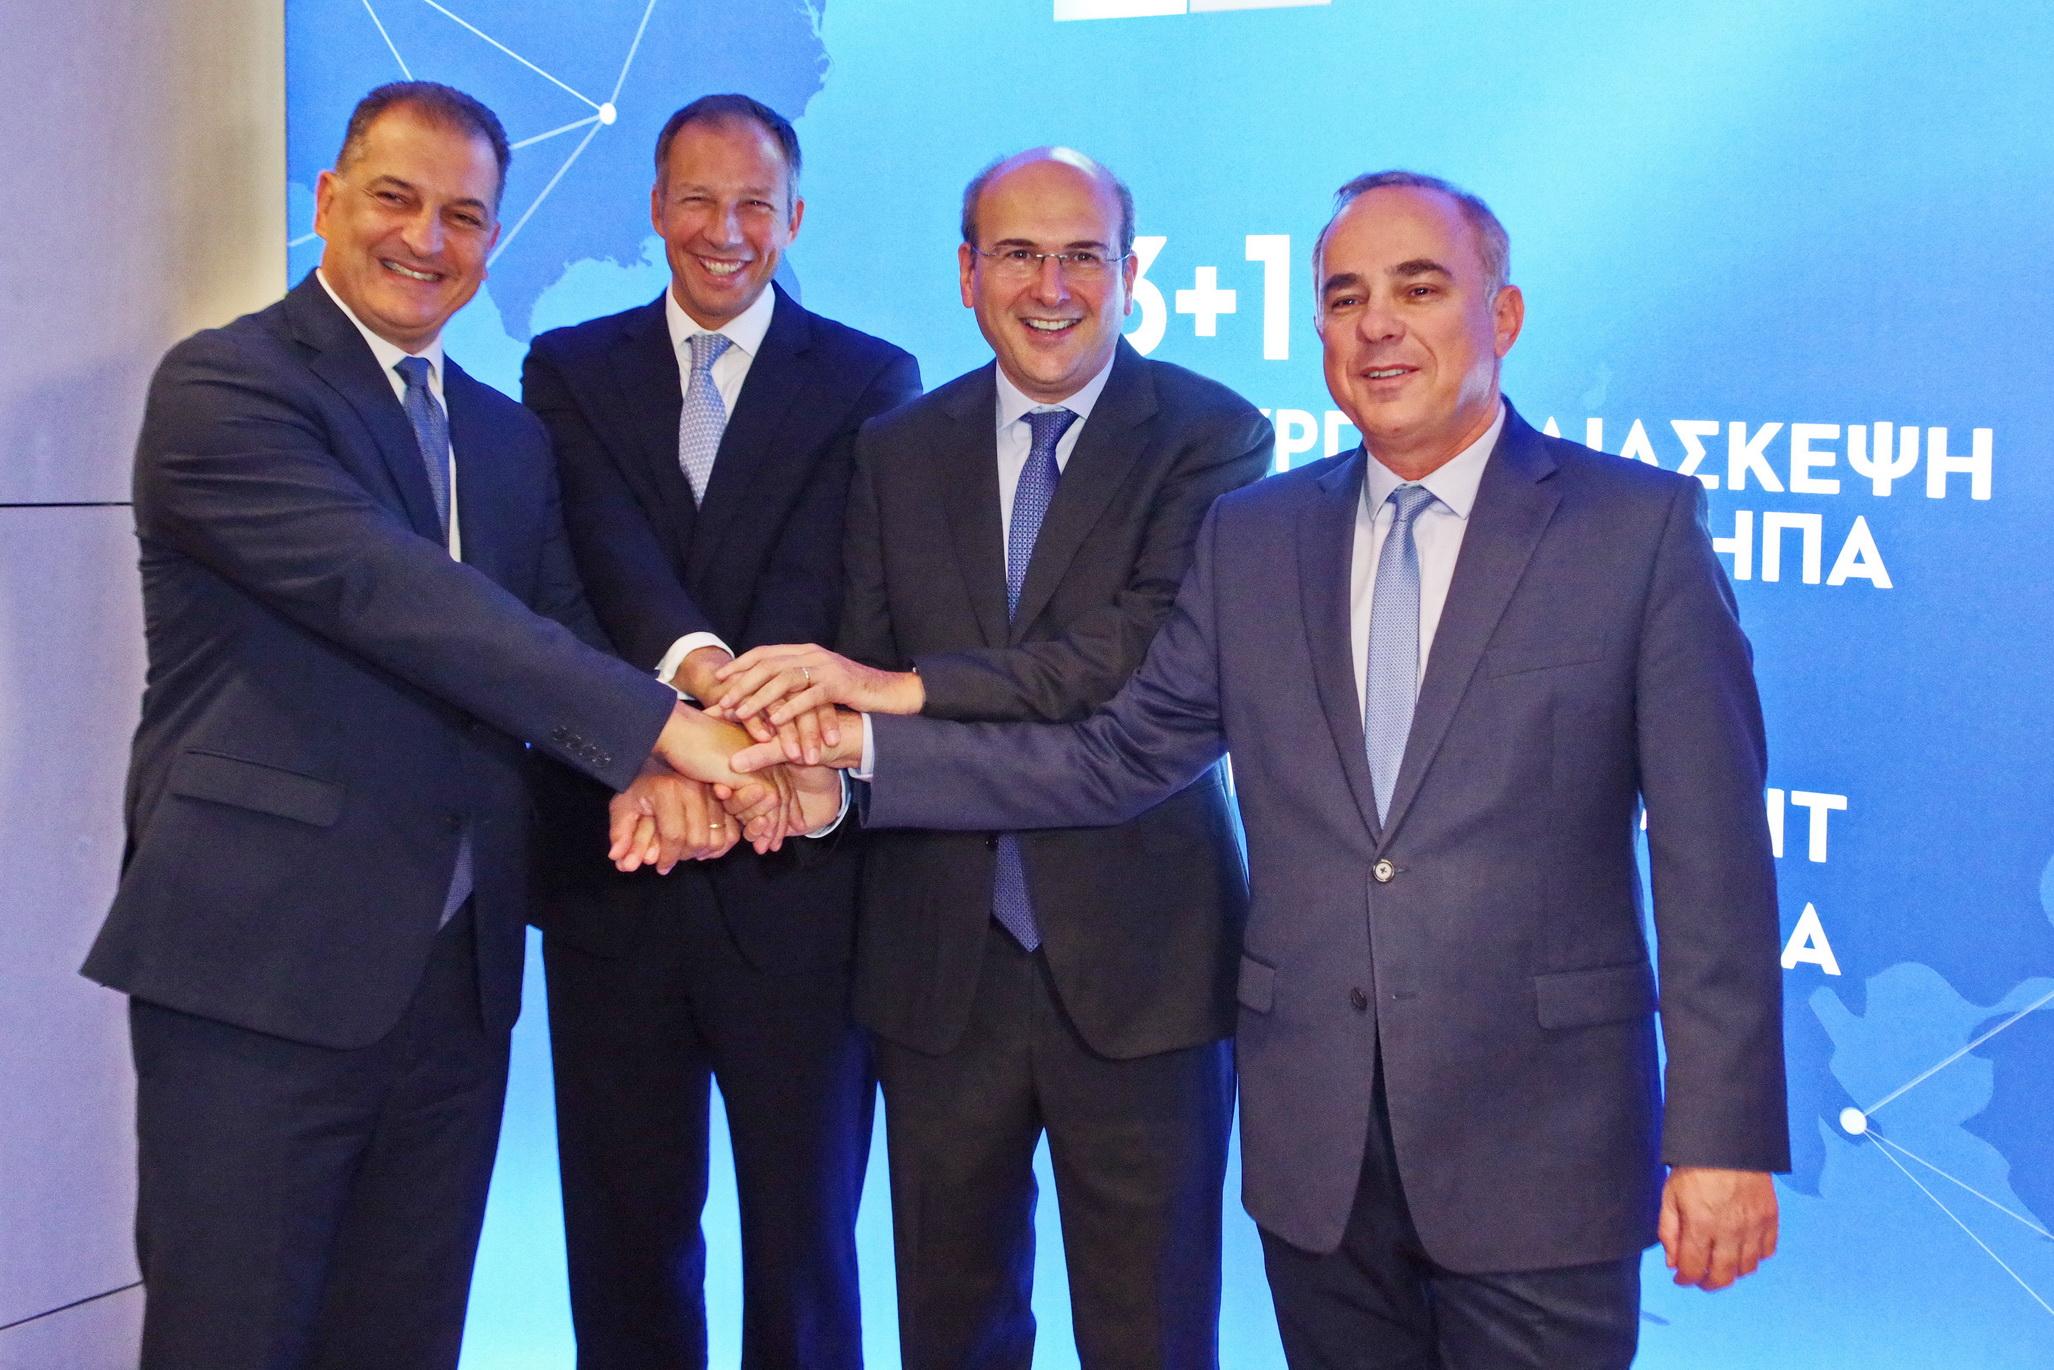 Επιτάχυνση των διαδικασιών του East Med αποφάσισε η τριεθνής ενεργειακή διάσκεψη της Αθήνας